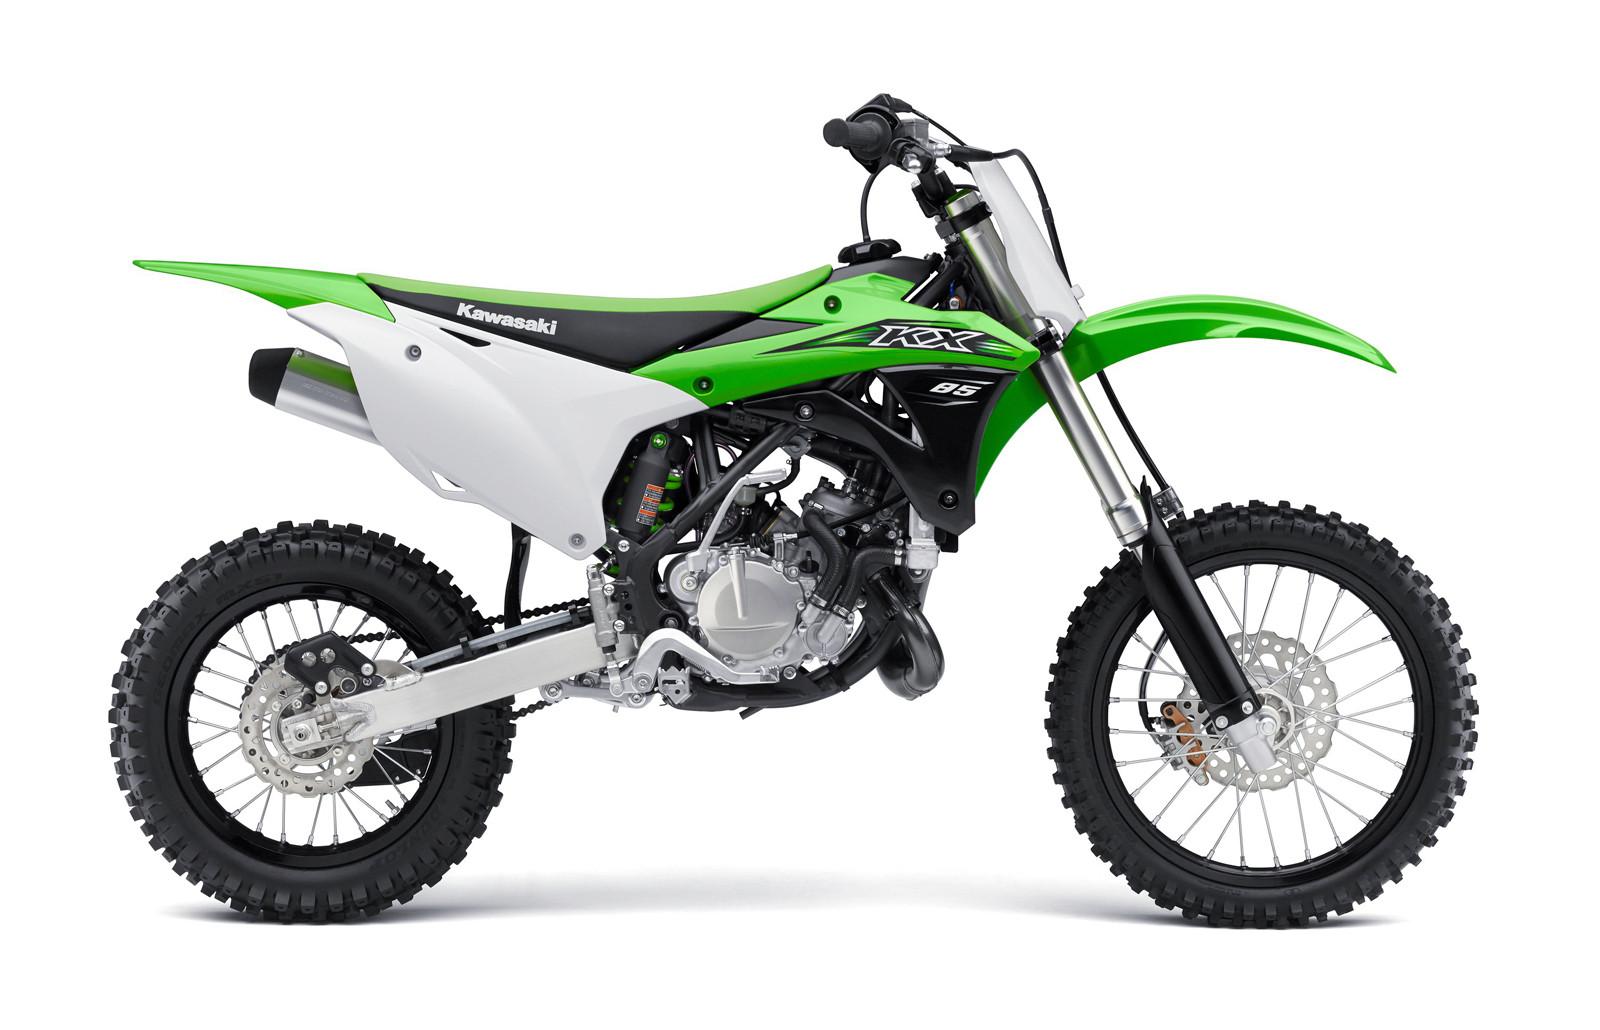 Kawasaki kx 85 bilder und technische daten 2017 2018